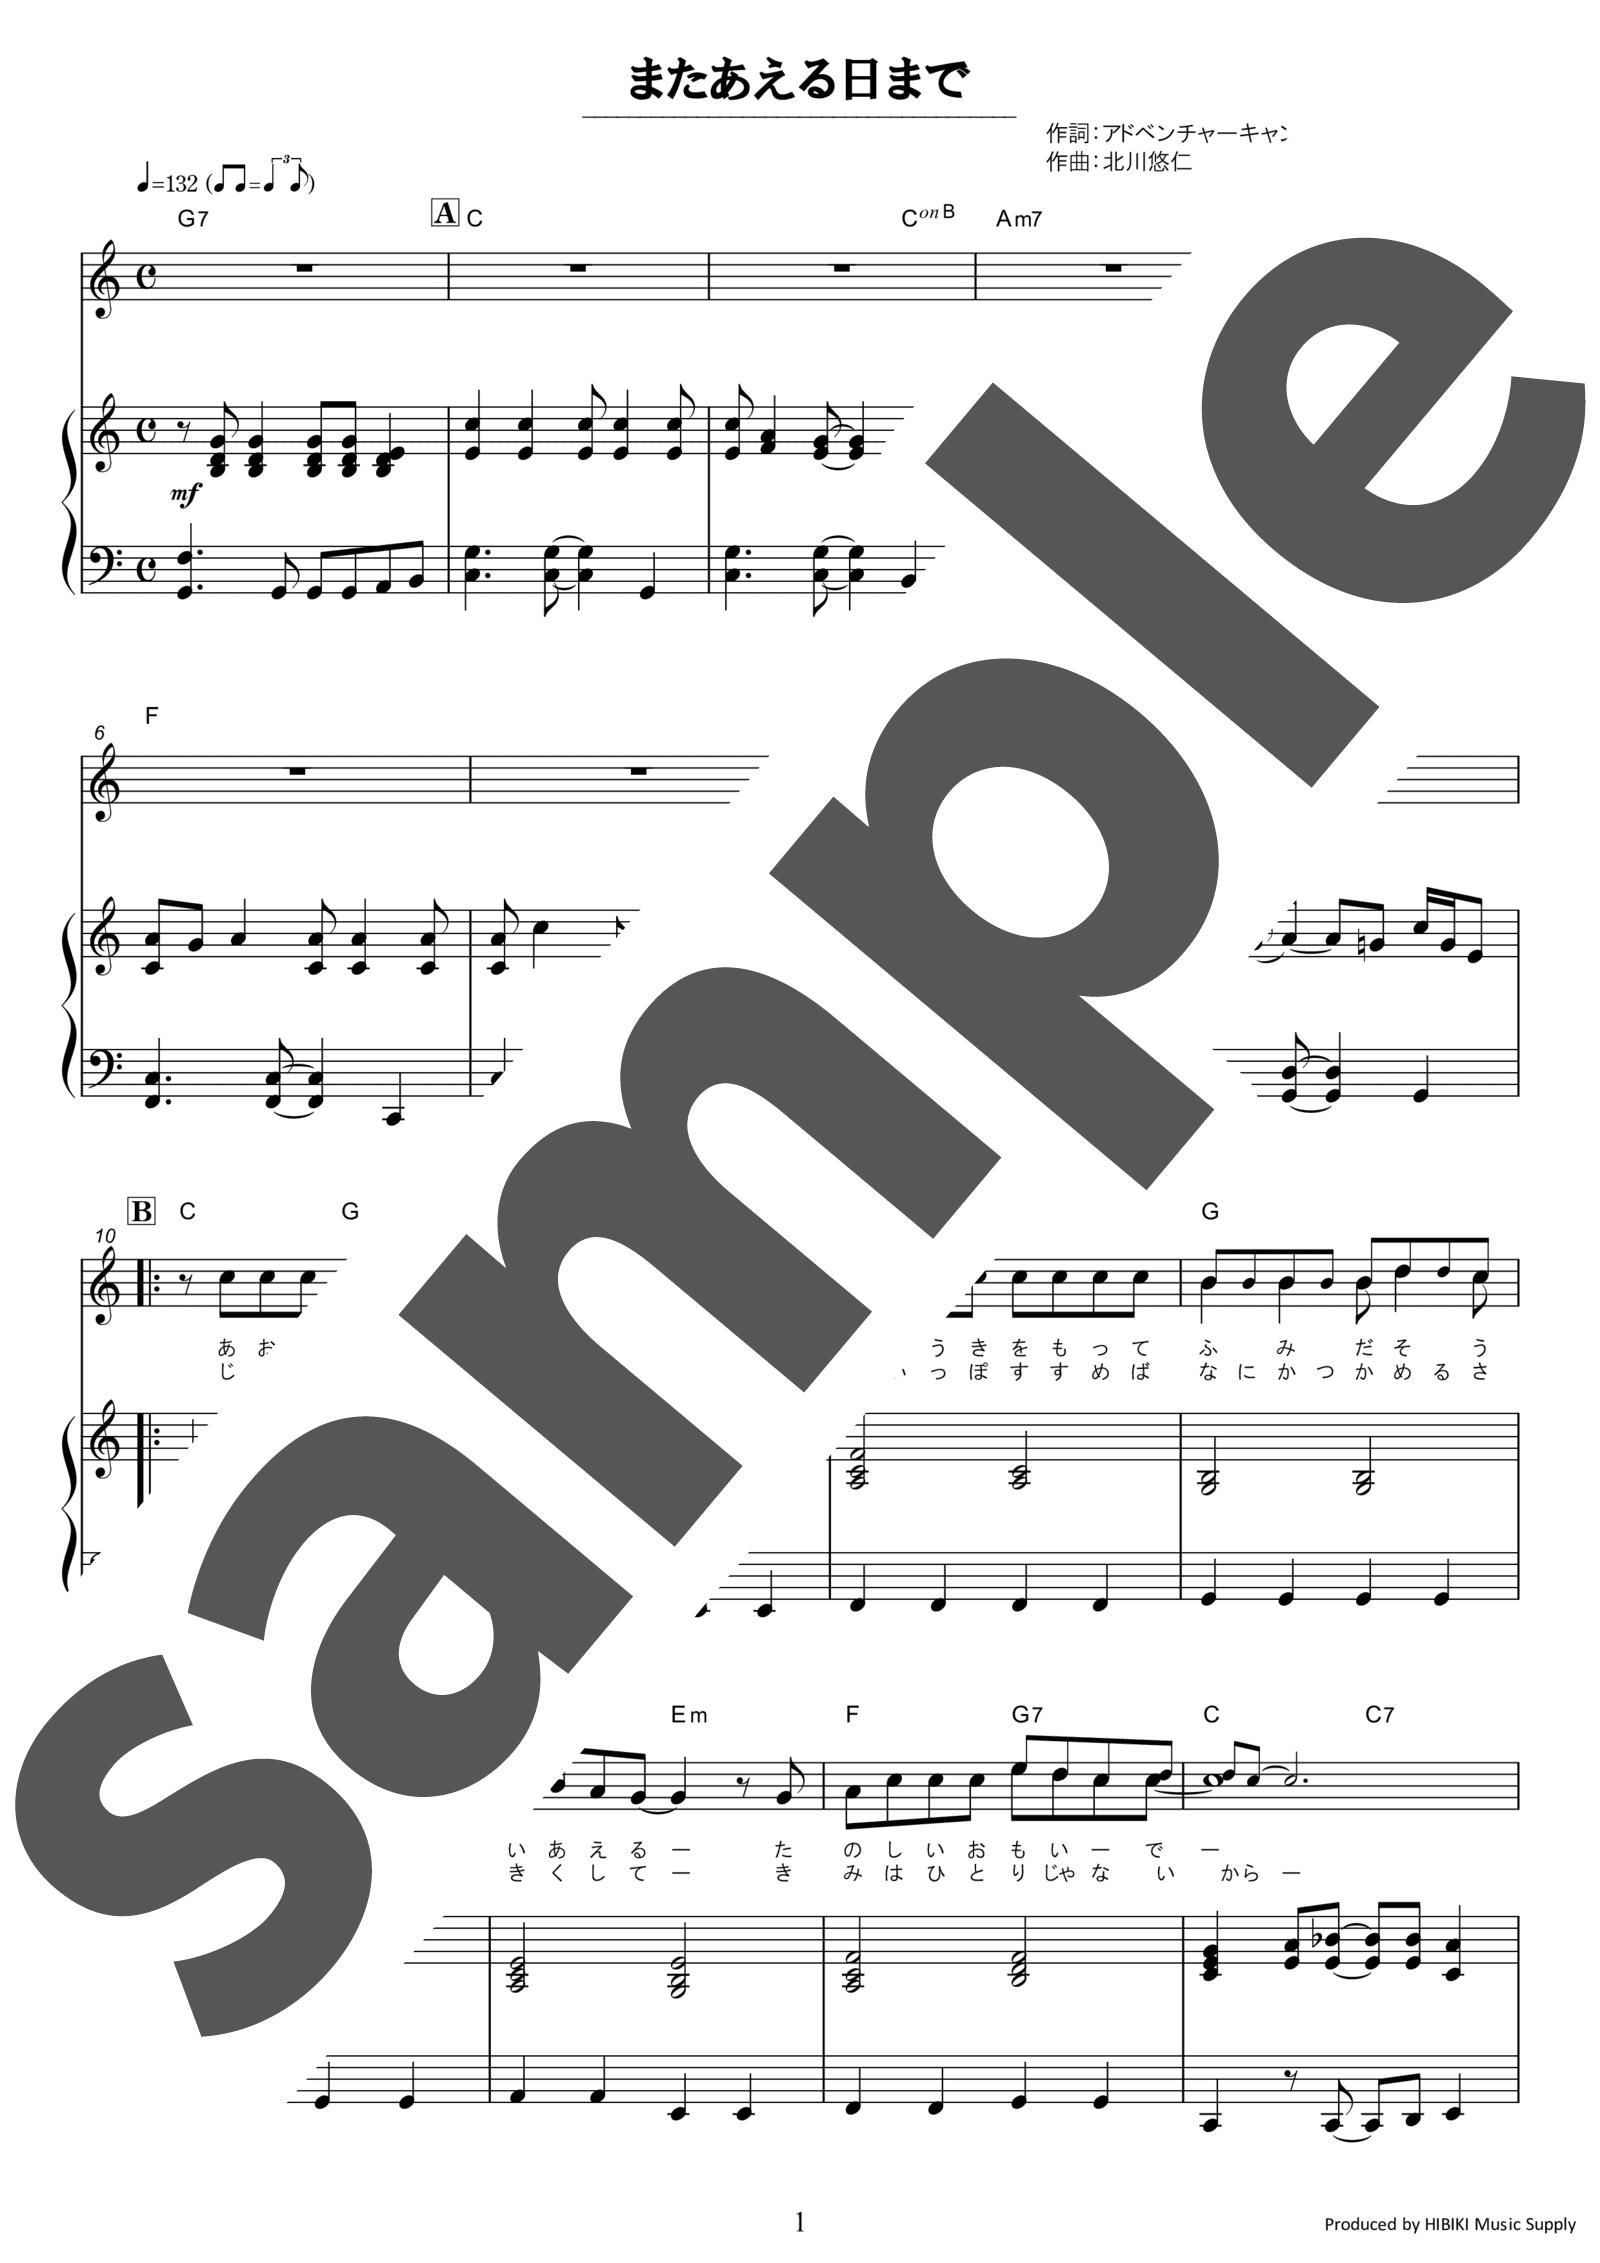 「またあえる日まで」のサンプル楽譜